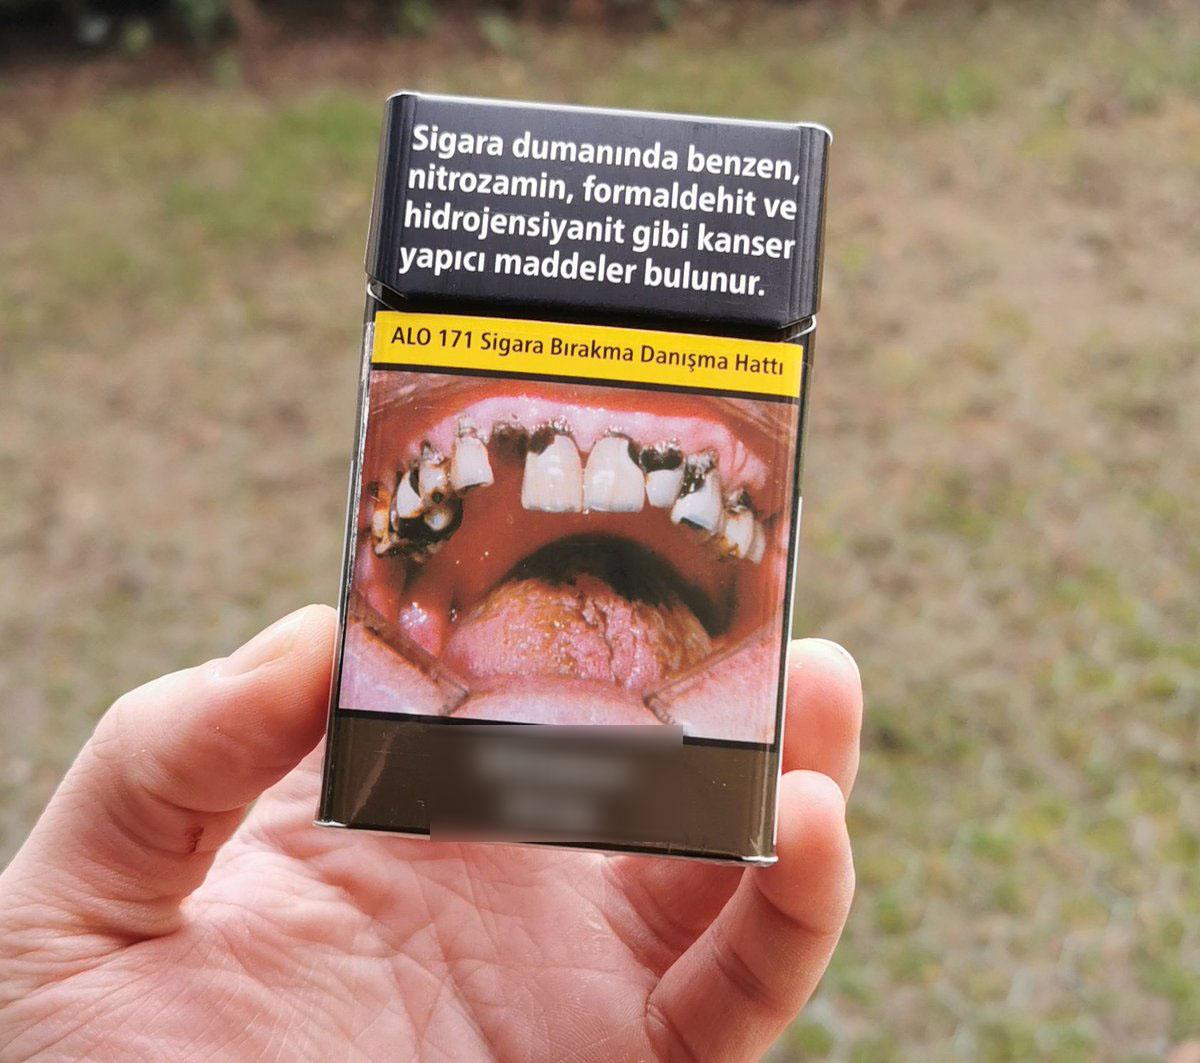 Resmi Gazete'de yayımlandı: Sigara paketleri yeniden güncelleniyor! Amaç özendiriciliği tamamen kaldırmak!